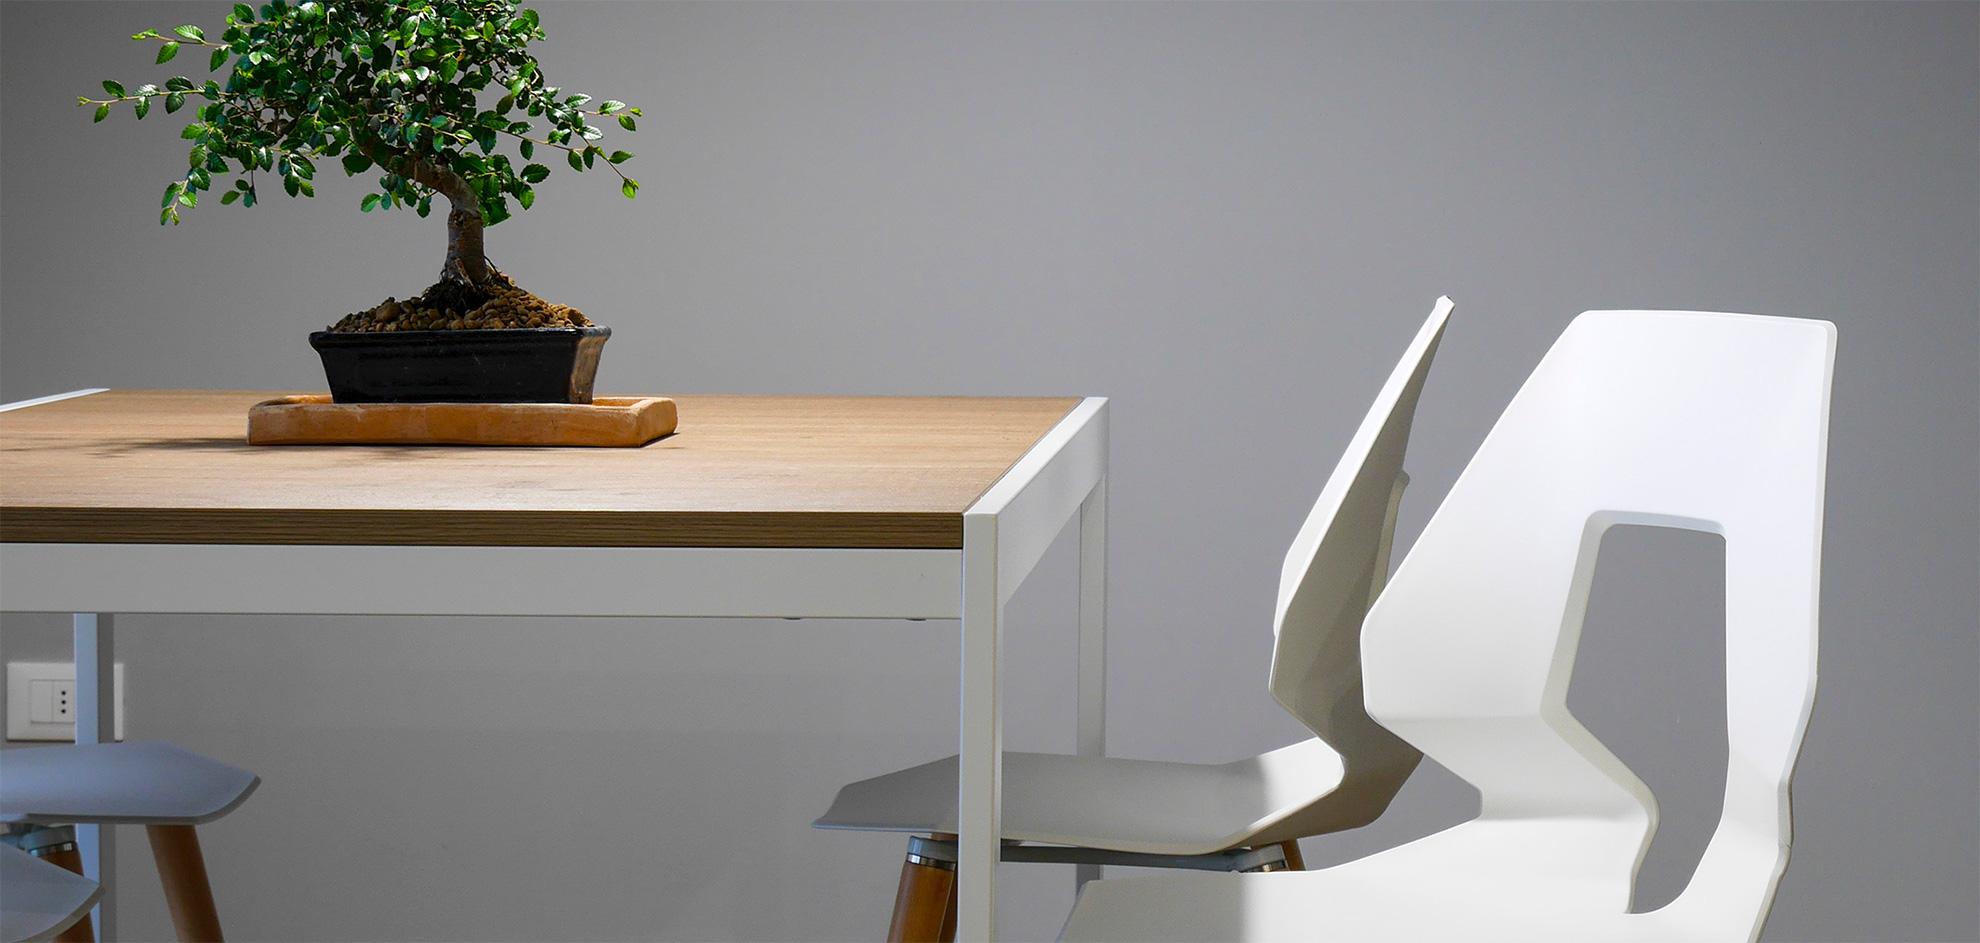 Arredamento moderno a brescia una soluzione per ogni ambiente for Arredamento casa brescia